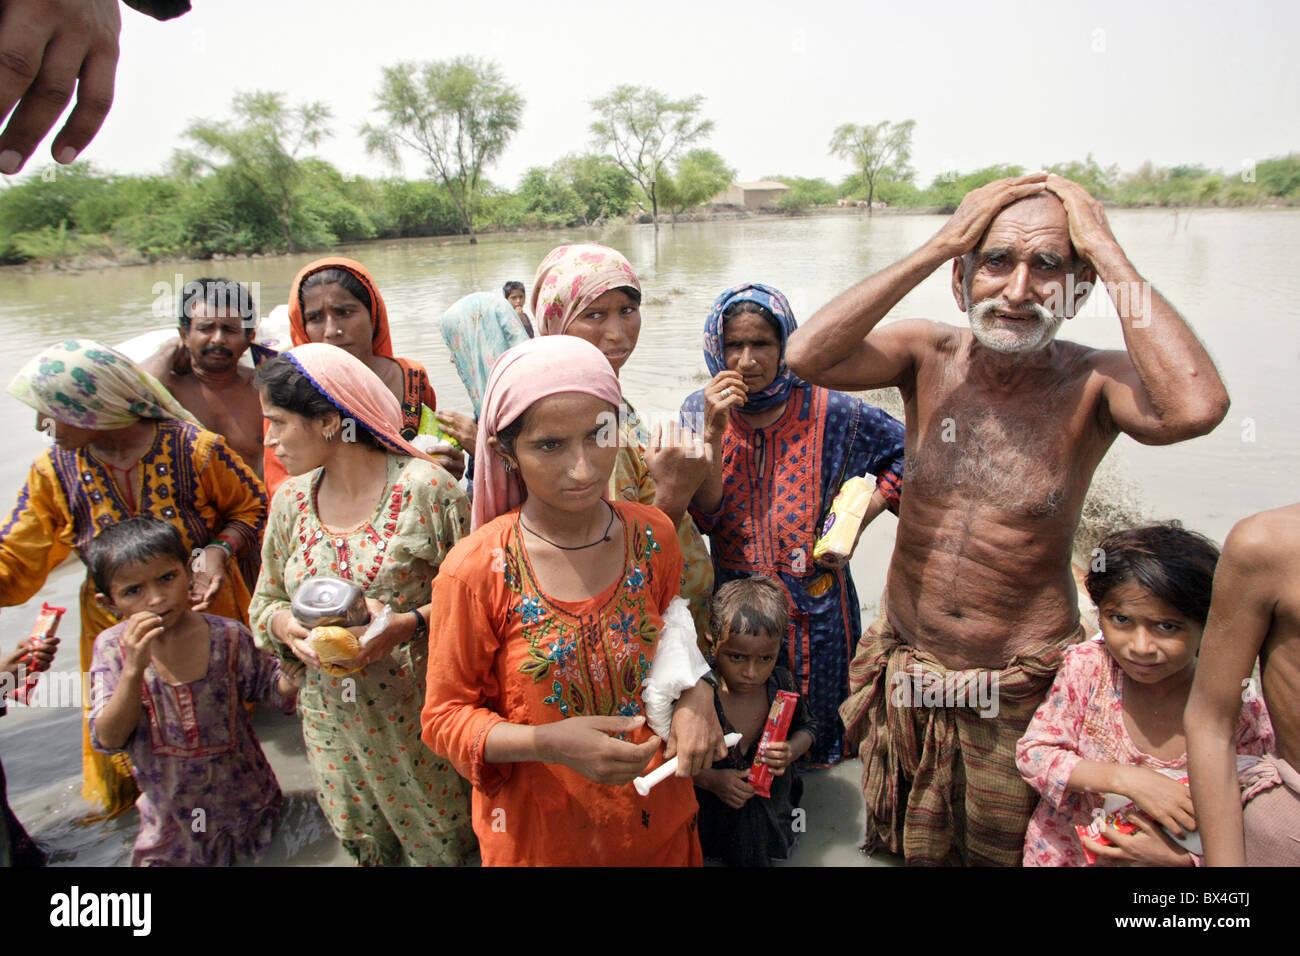 Flood disaster, Shadhat Kot, Pakistan - Stock Image